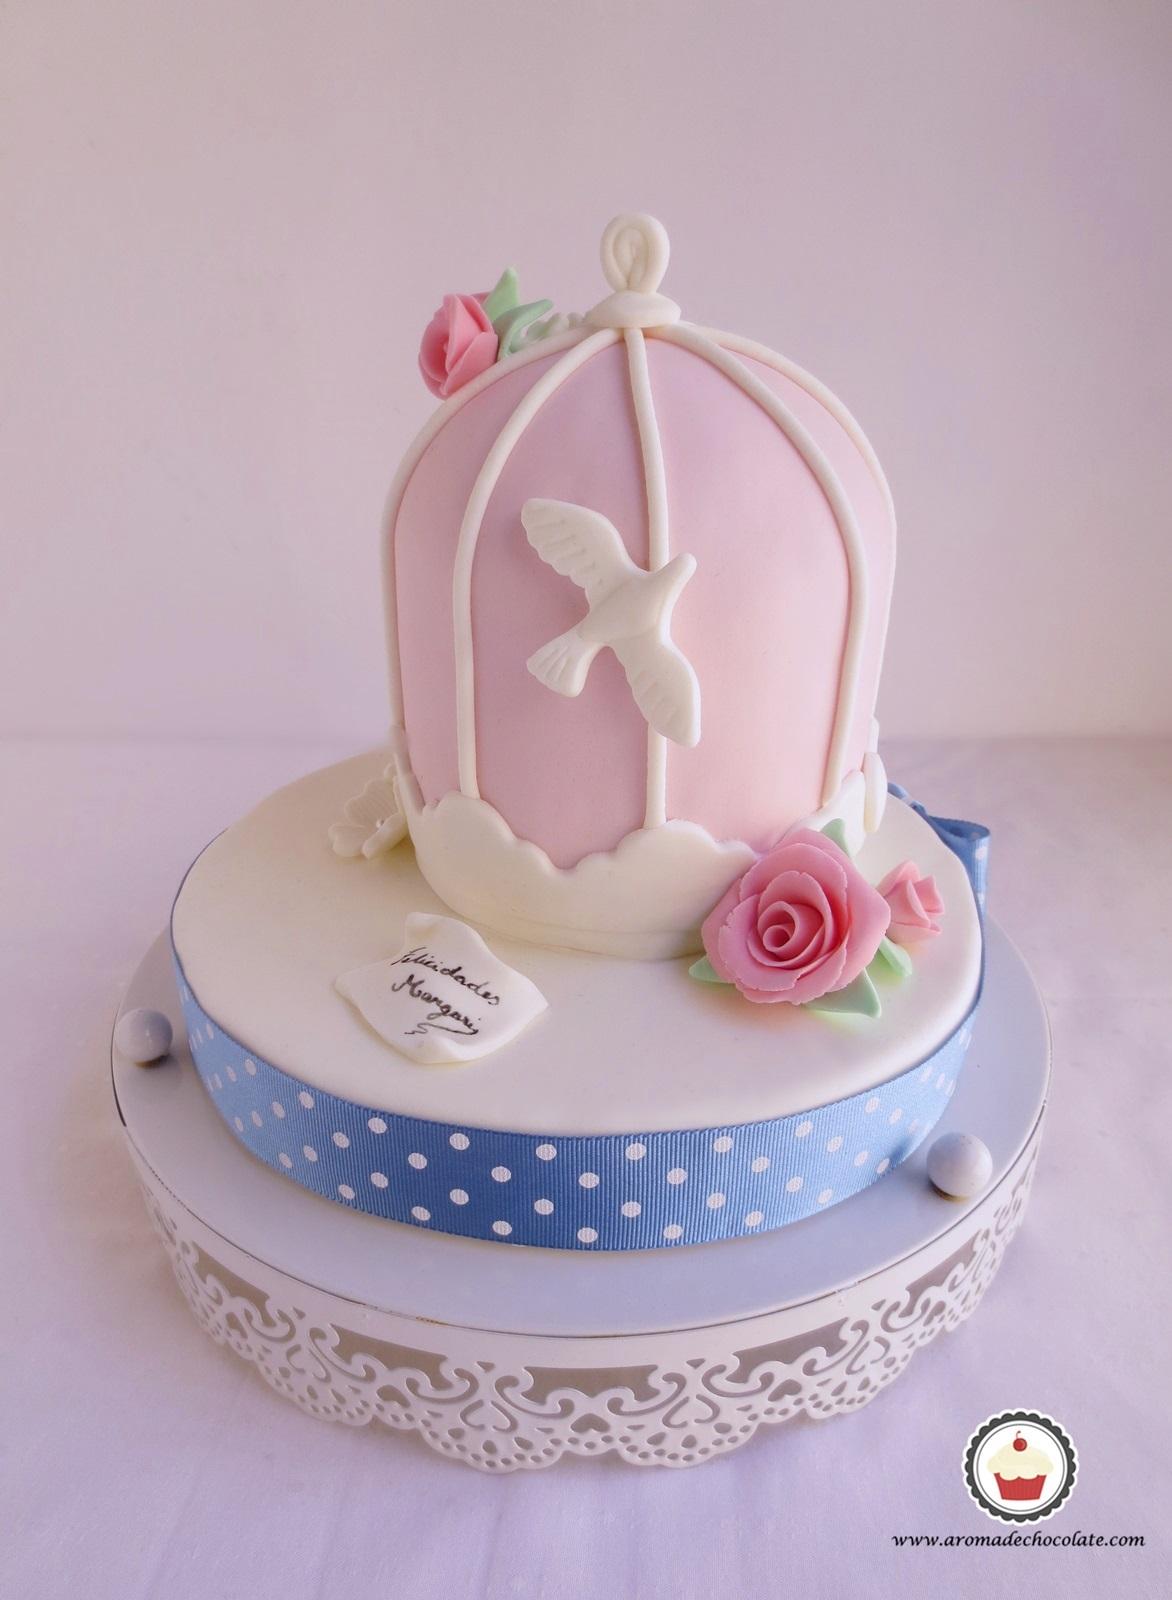 Cage cake . Aroma de chocolate